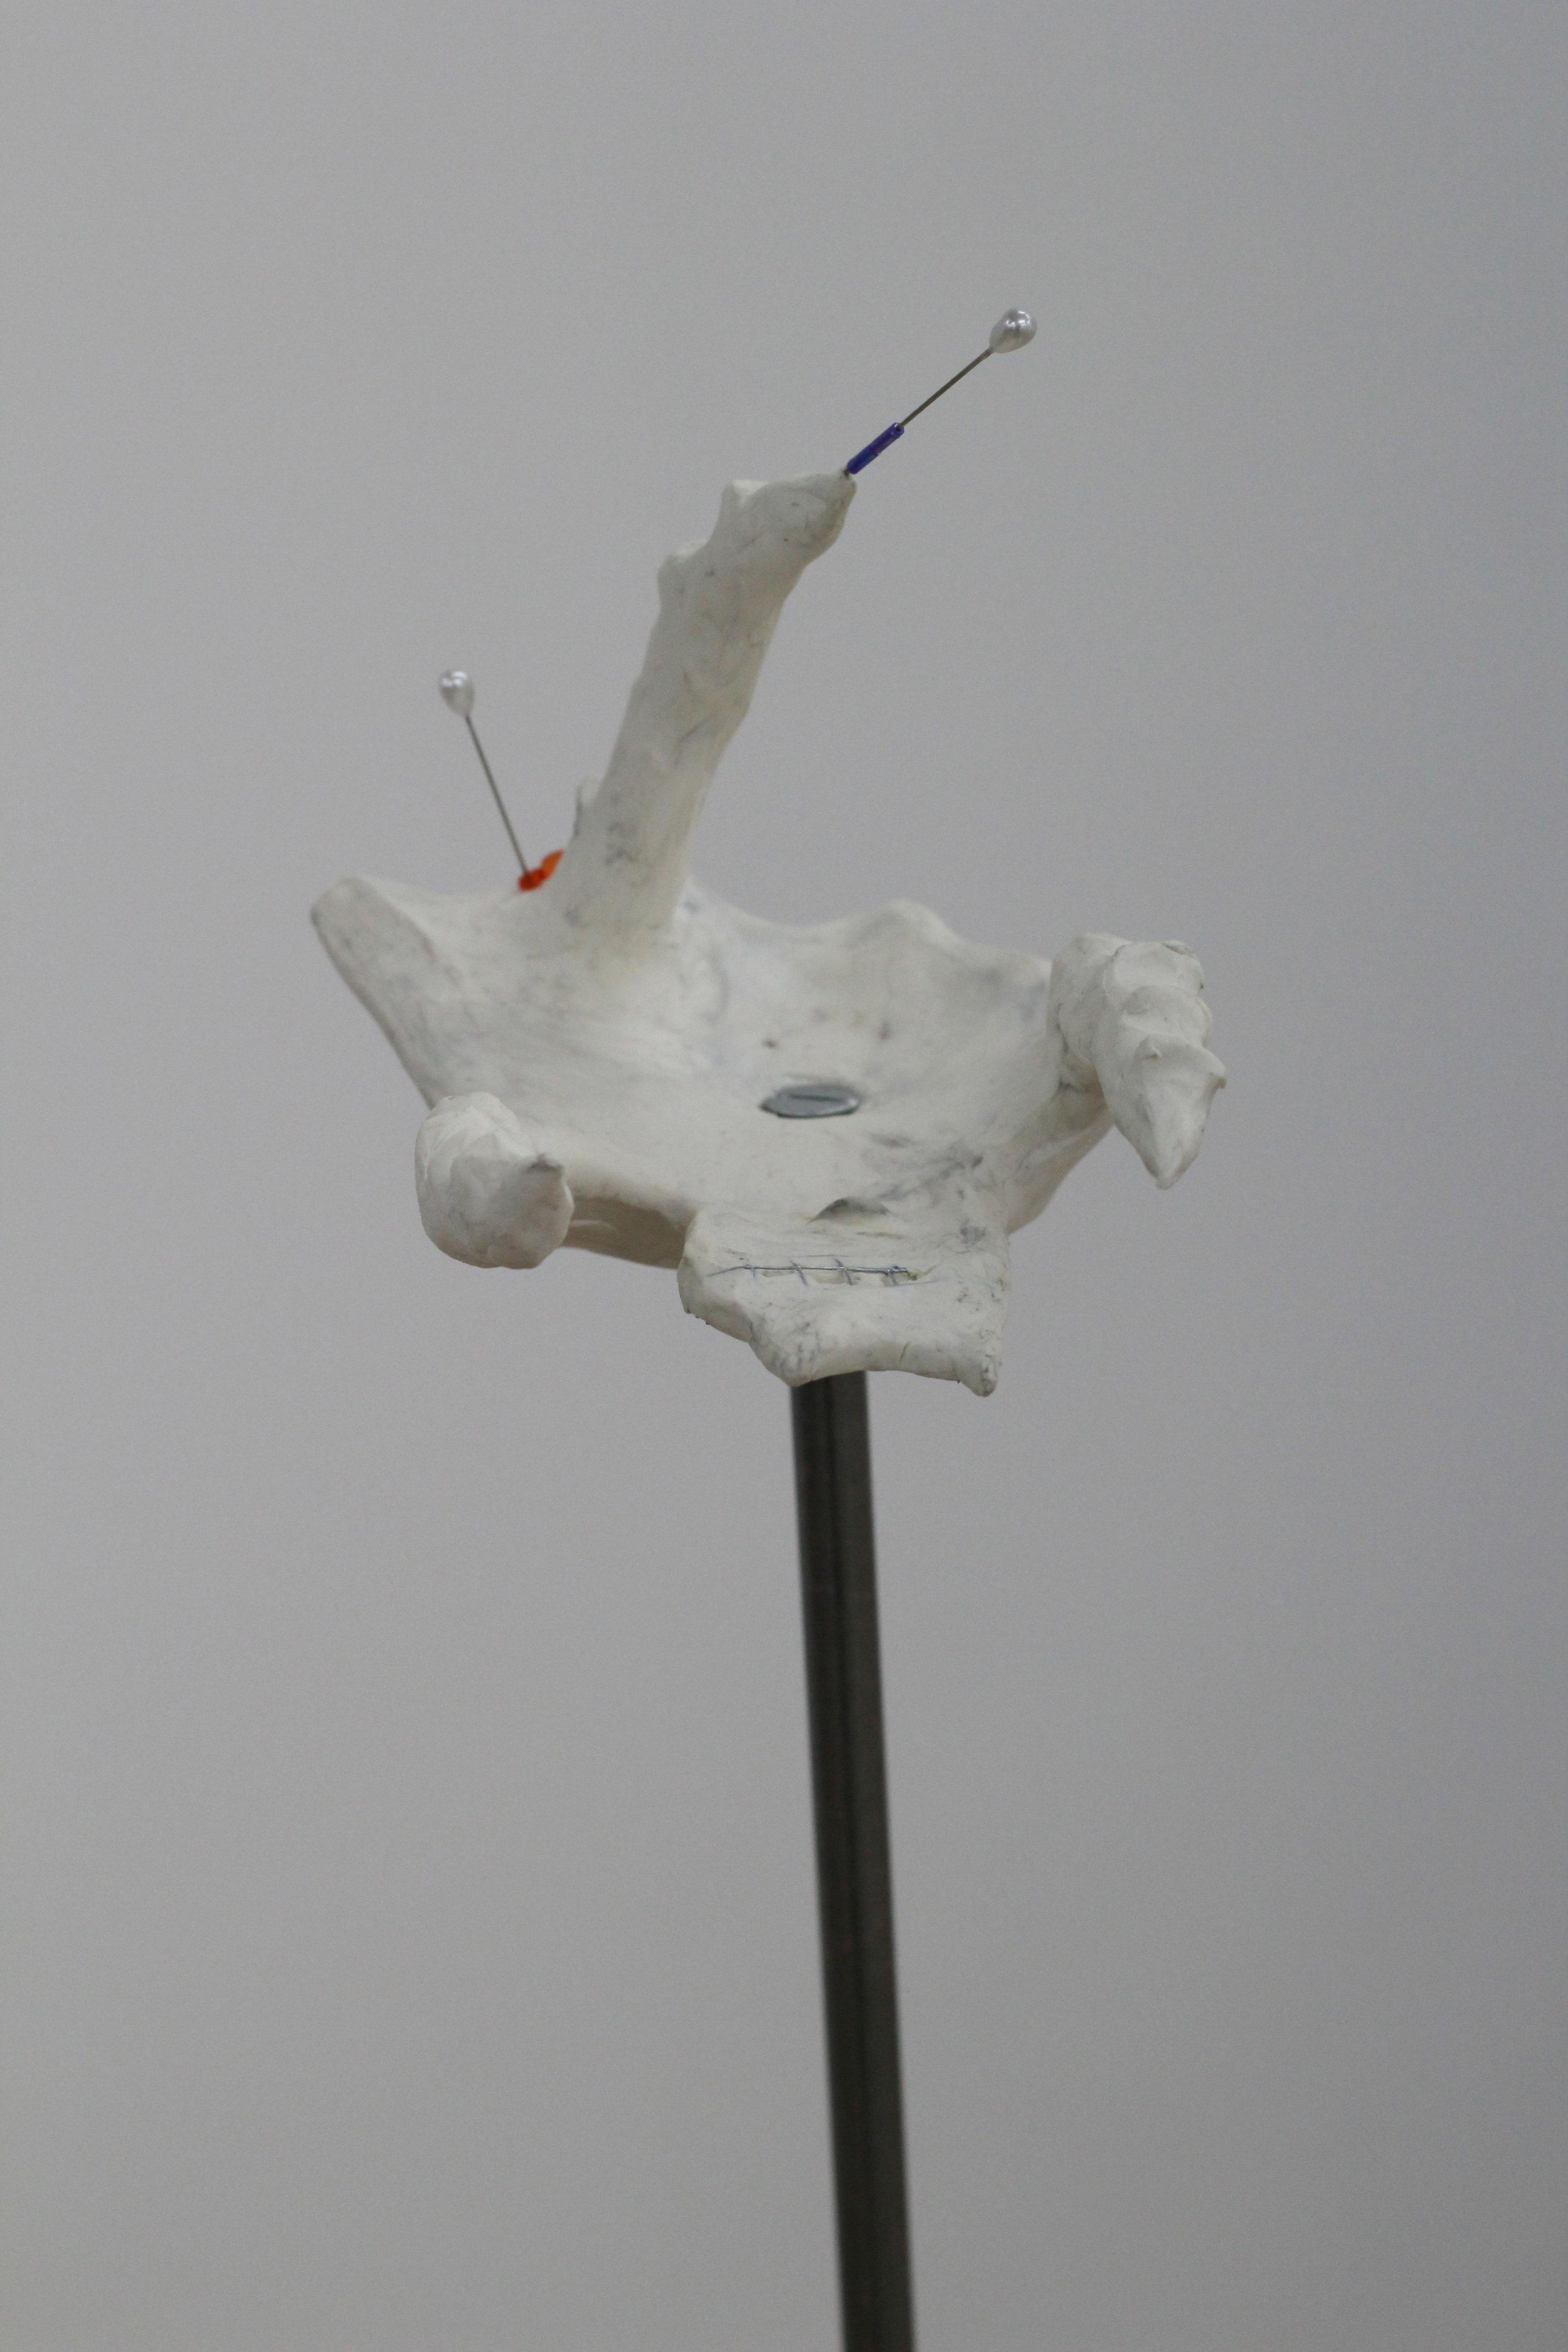 Fleur Dujat,  dans les coins multiples, on supprime , 2017, Installation : peinture sur bois, métal, pâte à modeler